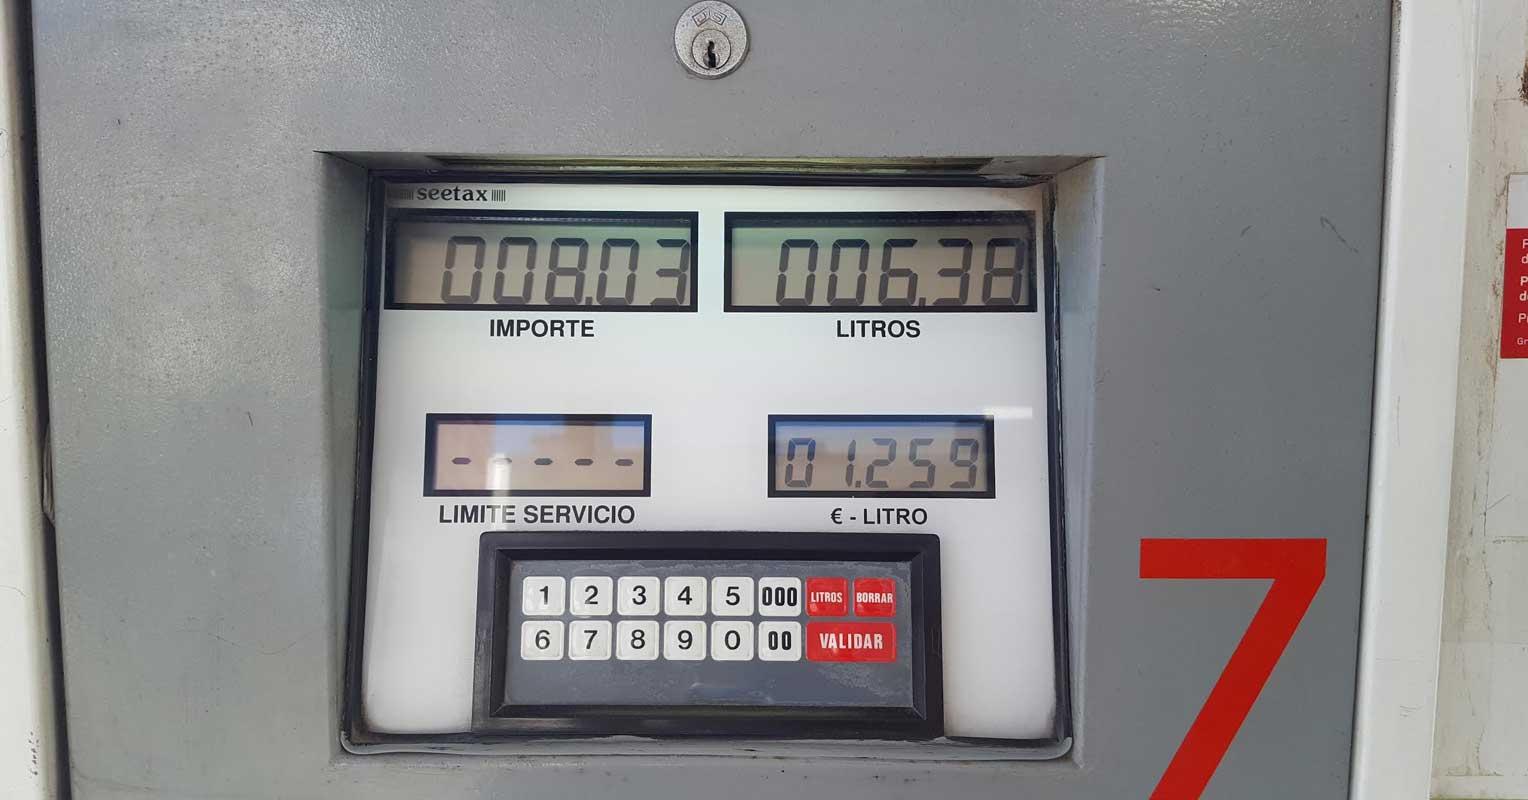 Contador de gasolina